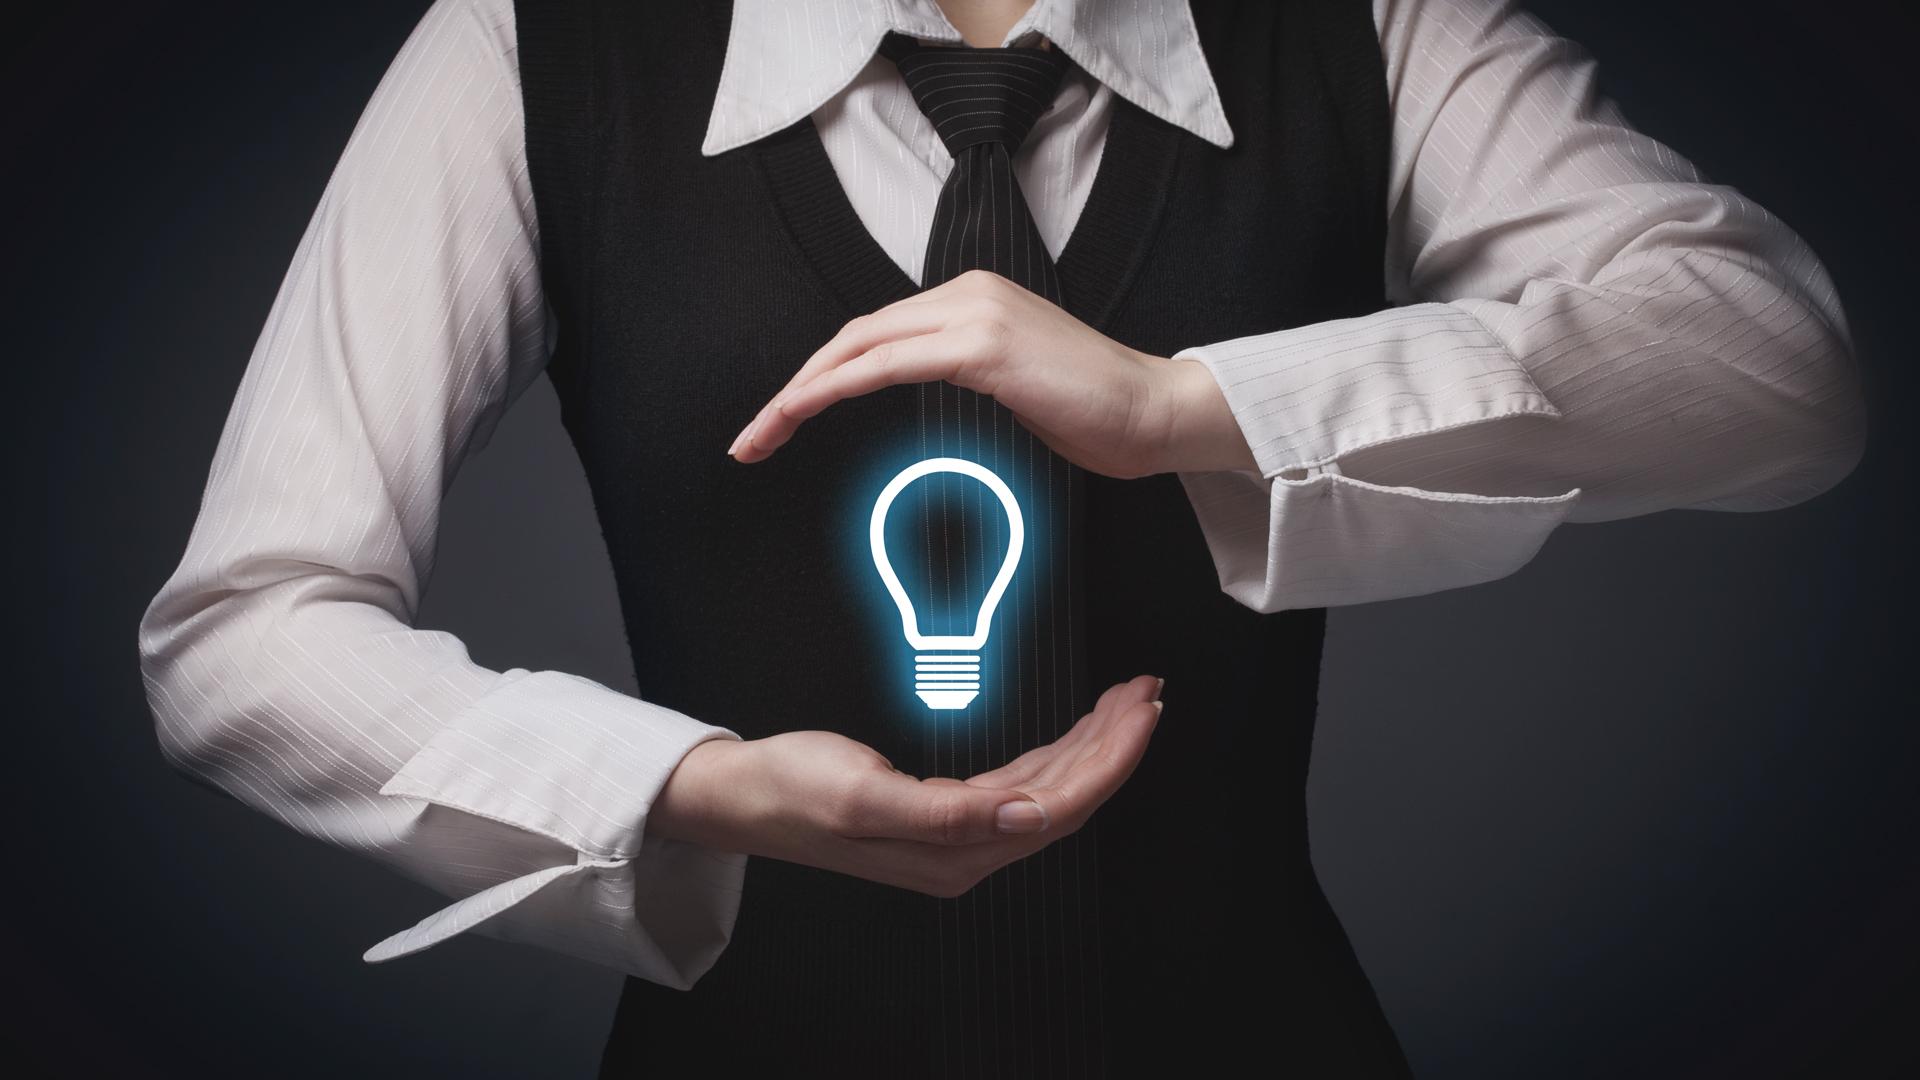 Supere o medo de ter sua ideia roubada – por Cassio Spina